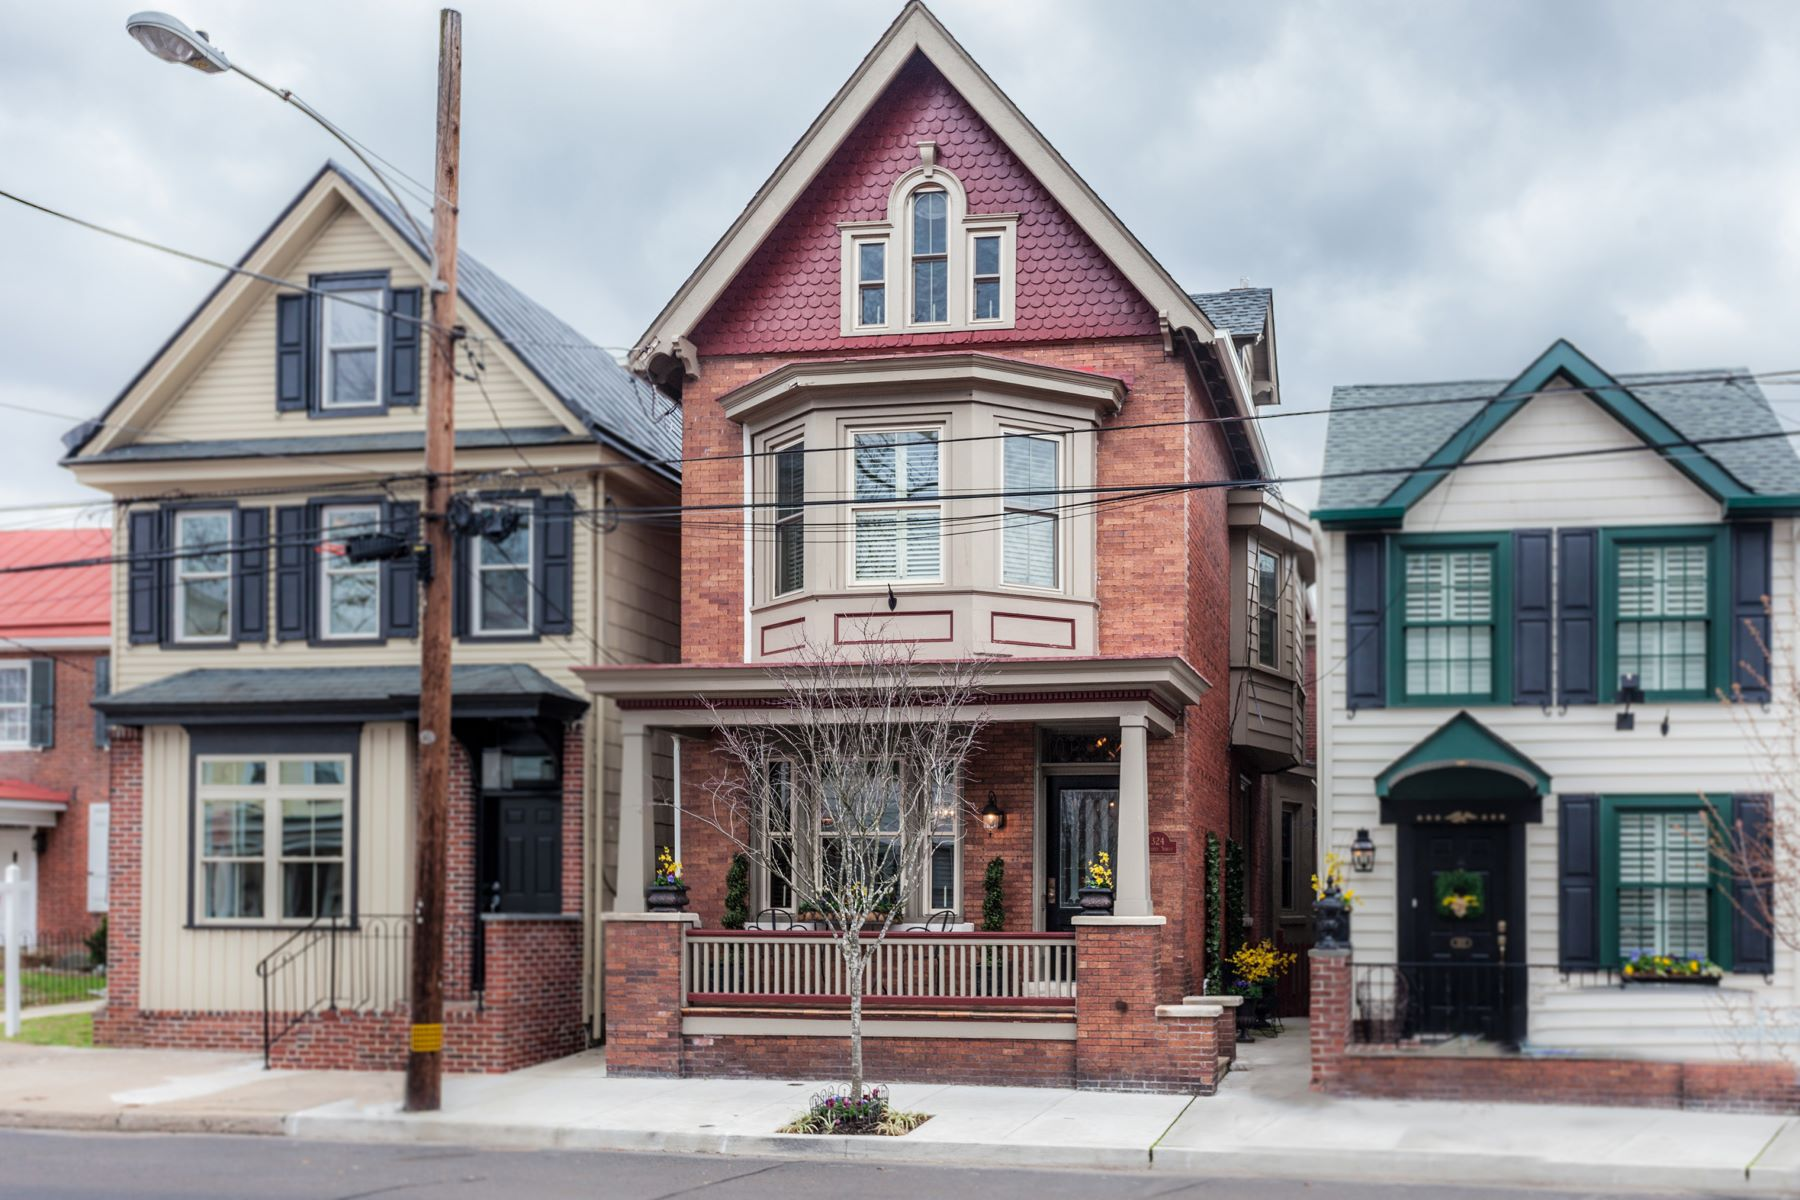 Частный односемейный дом для того Продажа на 324 Radcliffe St Bristol, Пенсильвания 19007 Соединенные Штаты